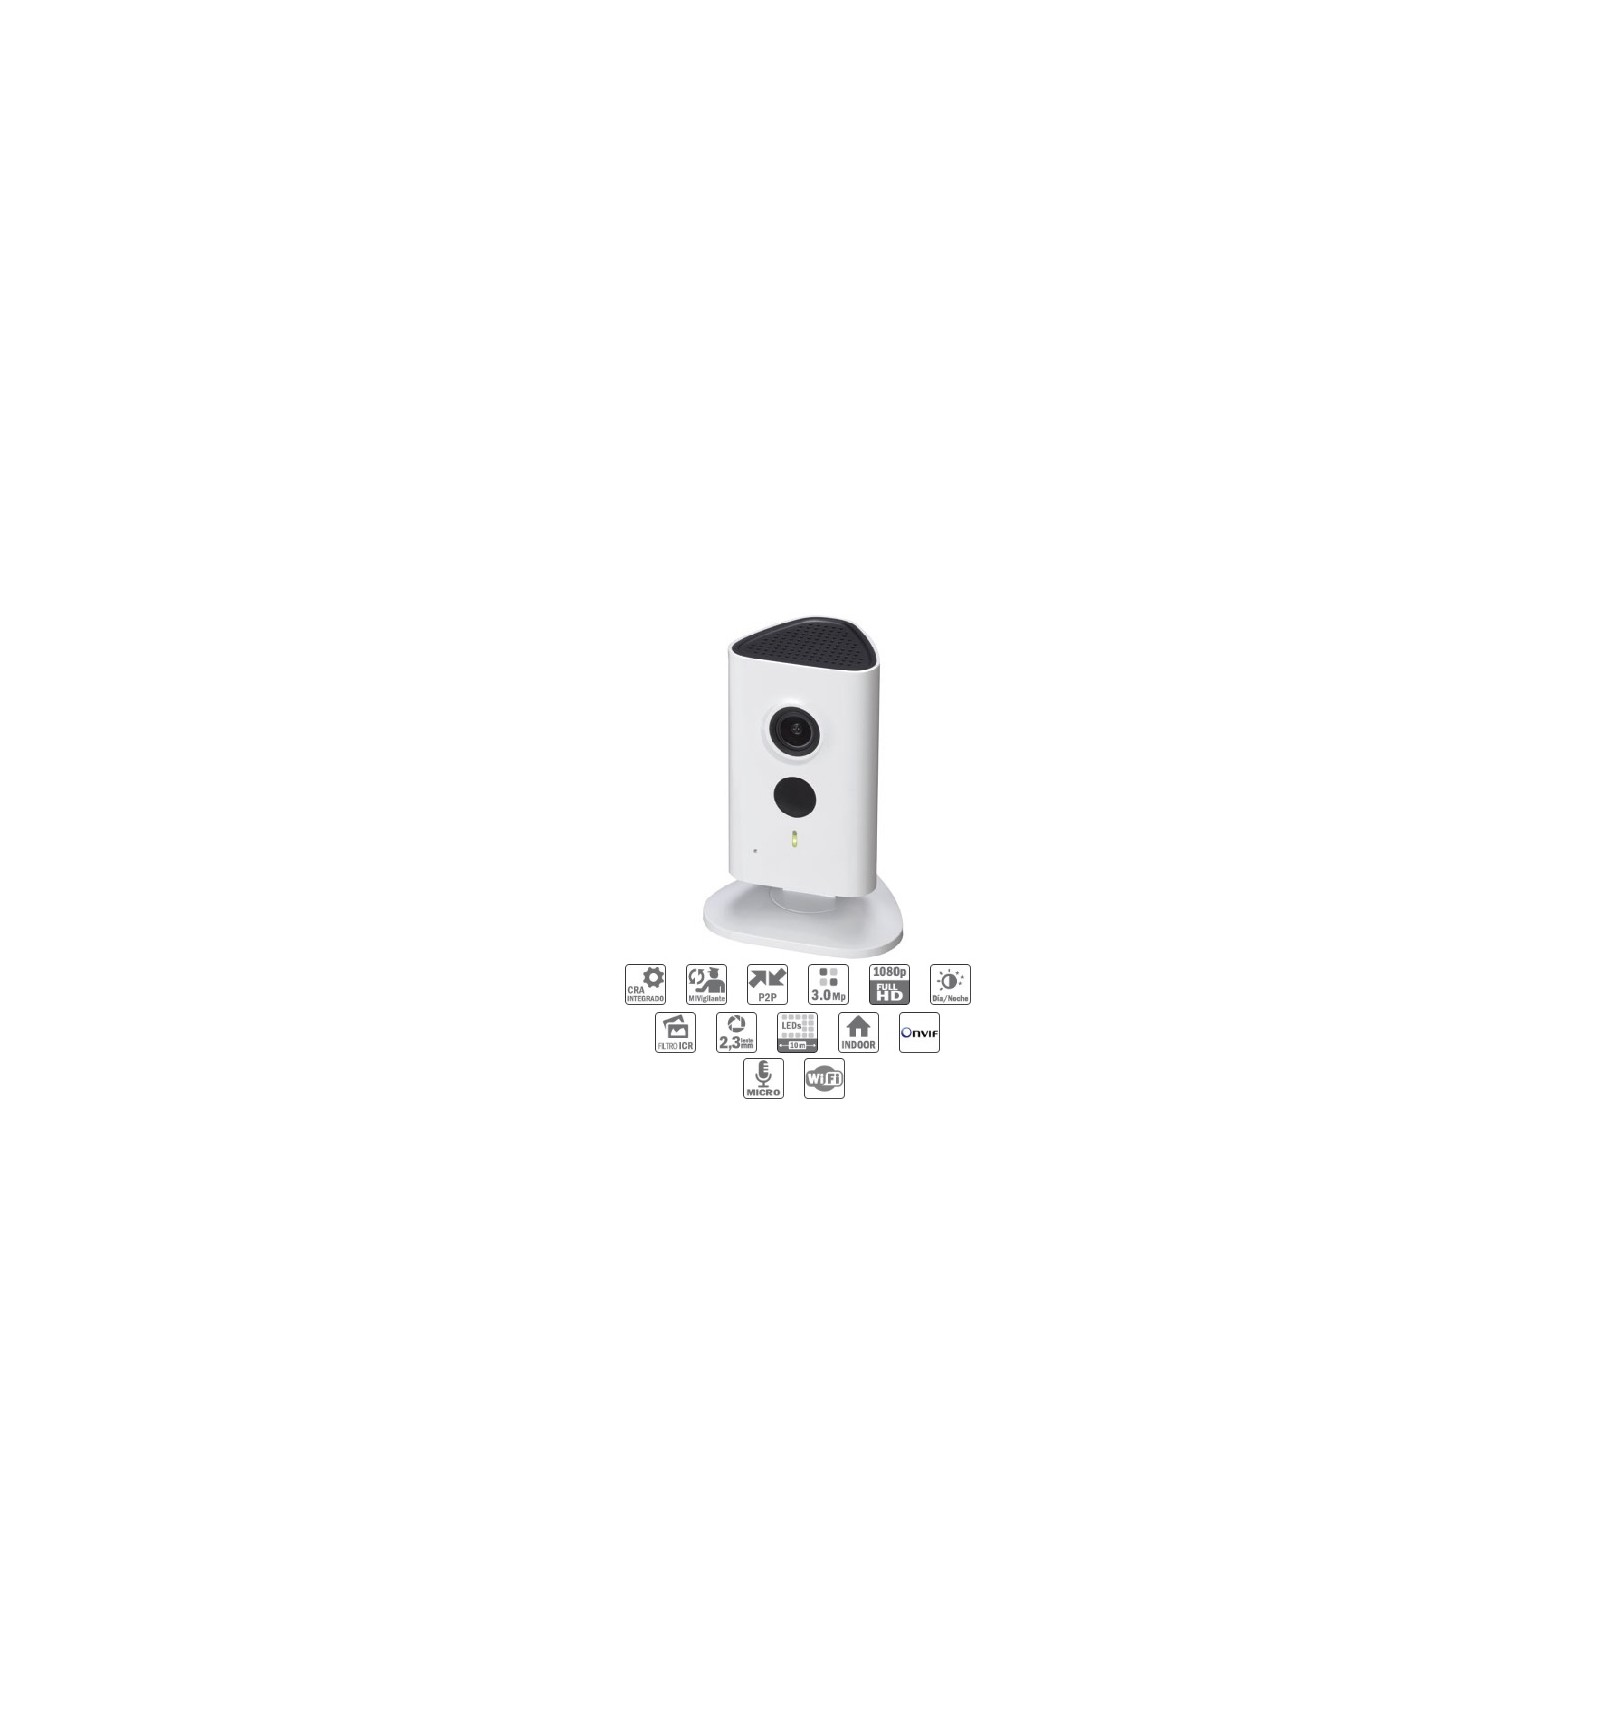 Camara de vigilancia ip wifi cubo 3mp dn ir10m con audio - Camara de vigilancia ip wifi ...